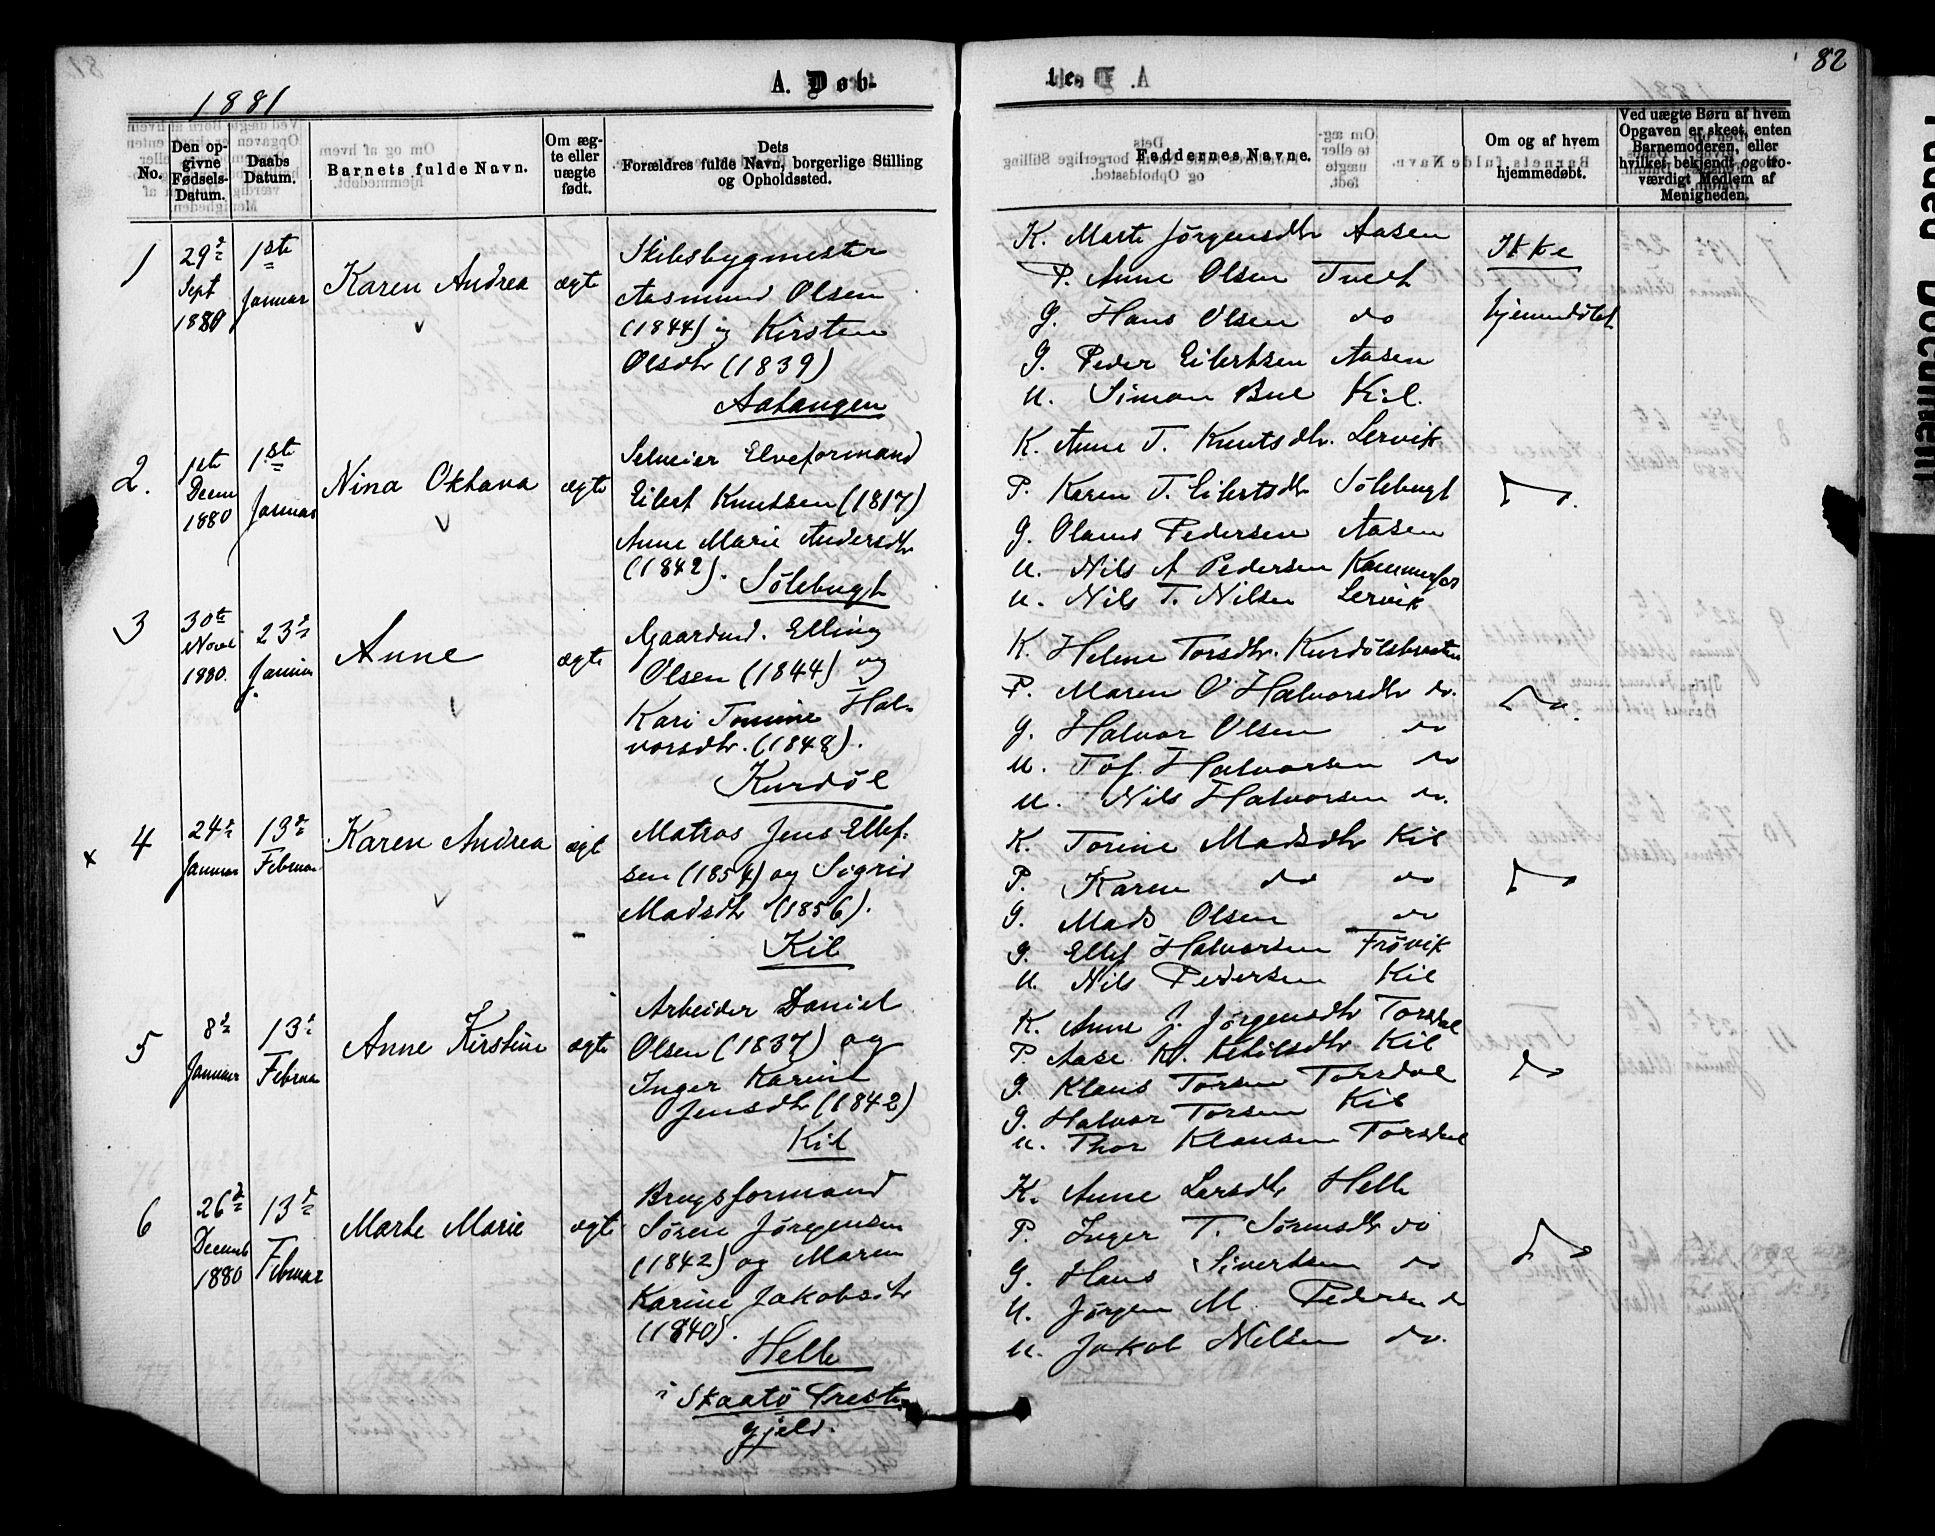 SAKO, Sannidal kirkebøker, F/Fa/L0014: Ministerialbok nr. 14, 1874-1883, s. 82